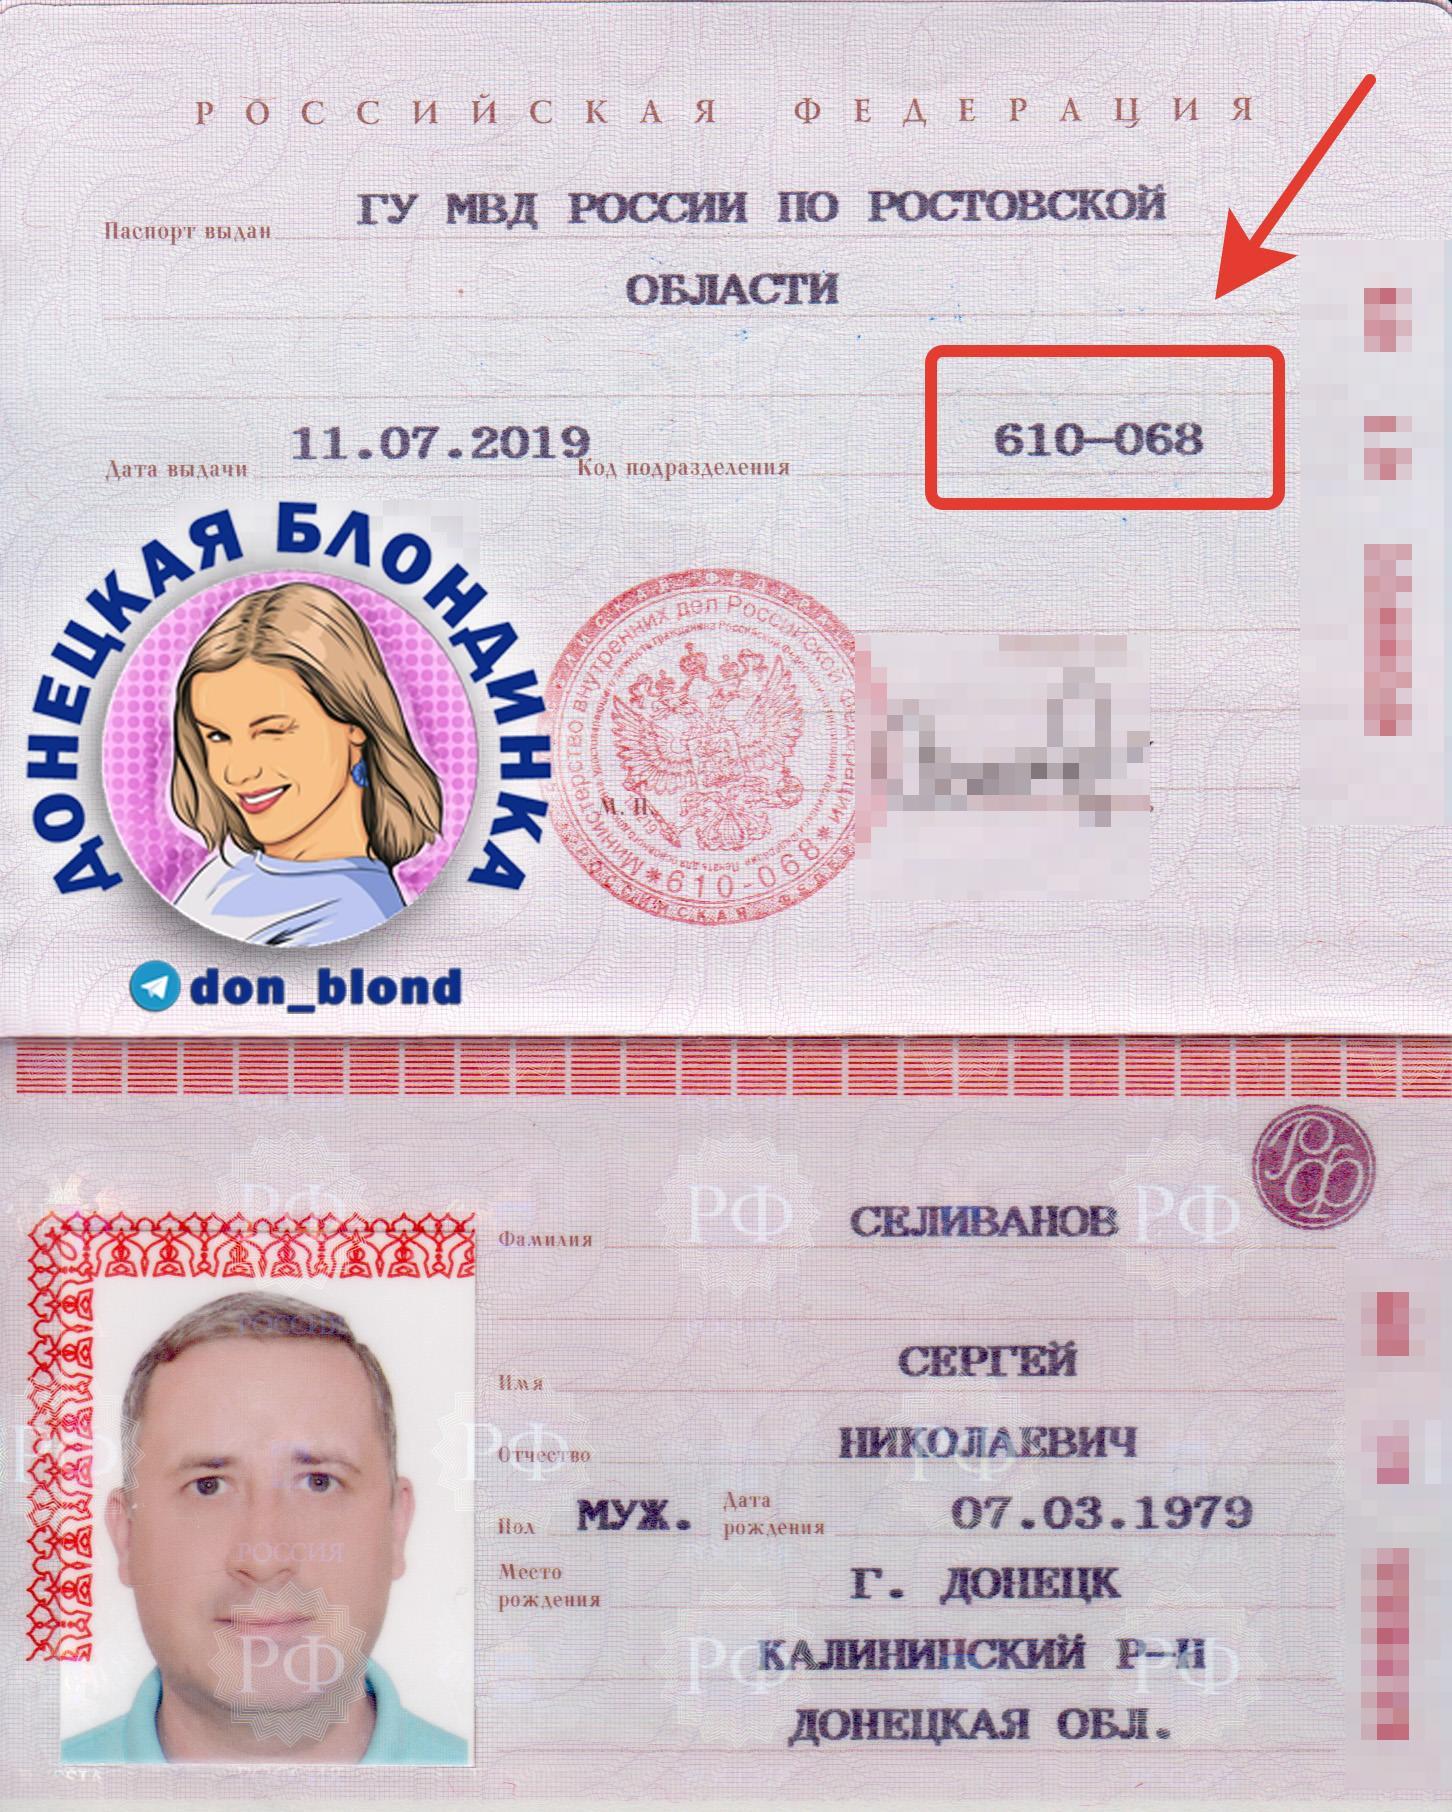 Недействительный паспорт РФ?